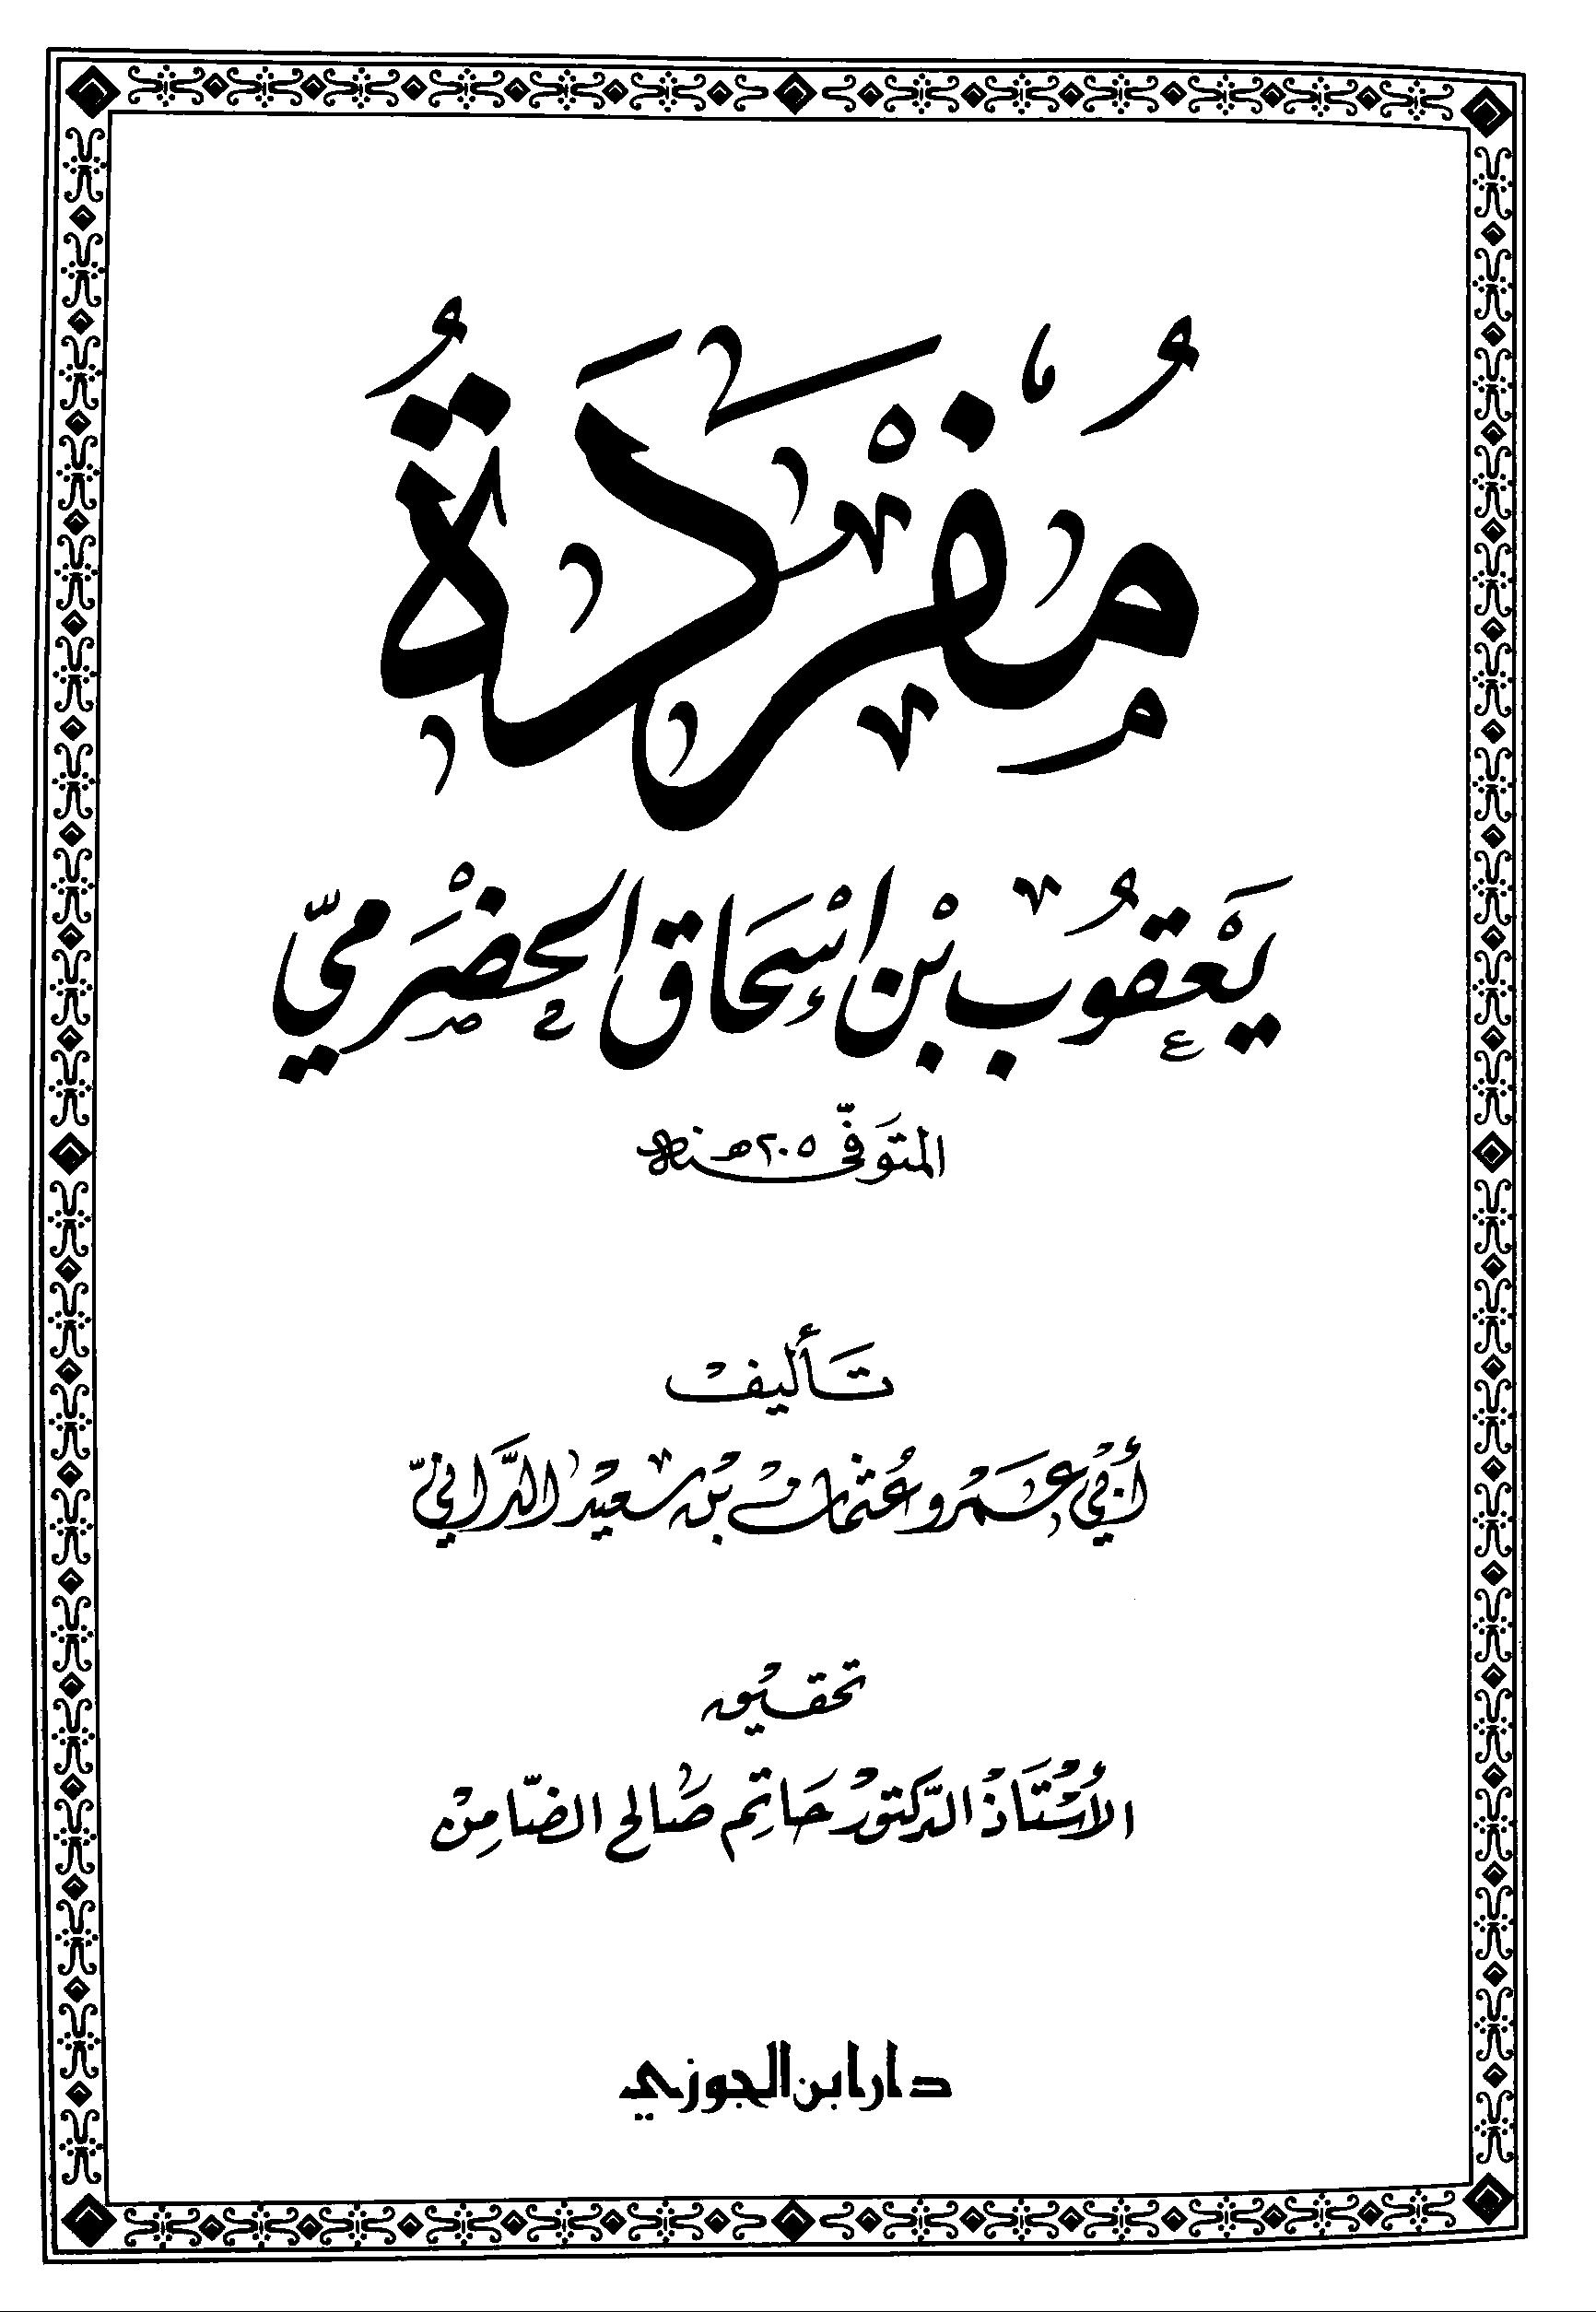 تحميل كتاب مفردة يعقوب بن إسحاق الحضرمي (الداني) لـِ: الإمام أبو عمرو عثمان بن سعيد بن عثمان بن عمر الداني (ت 444)